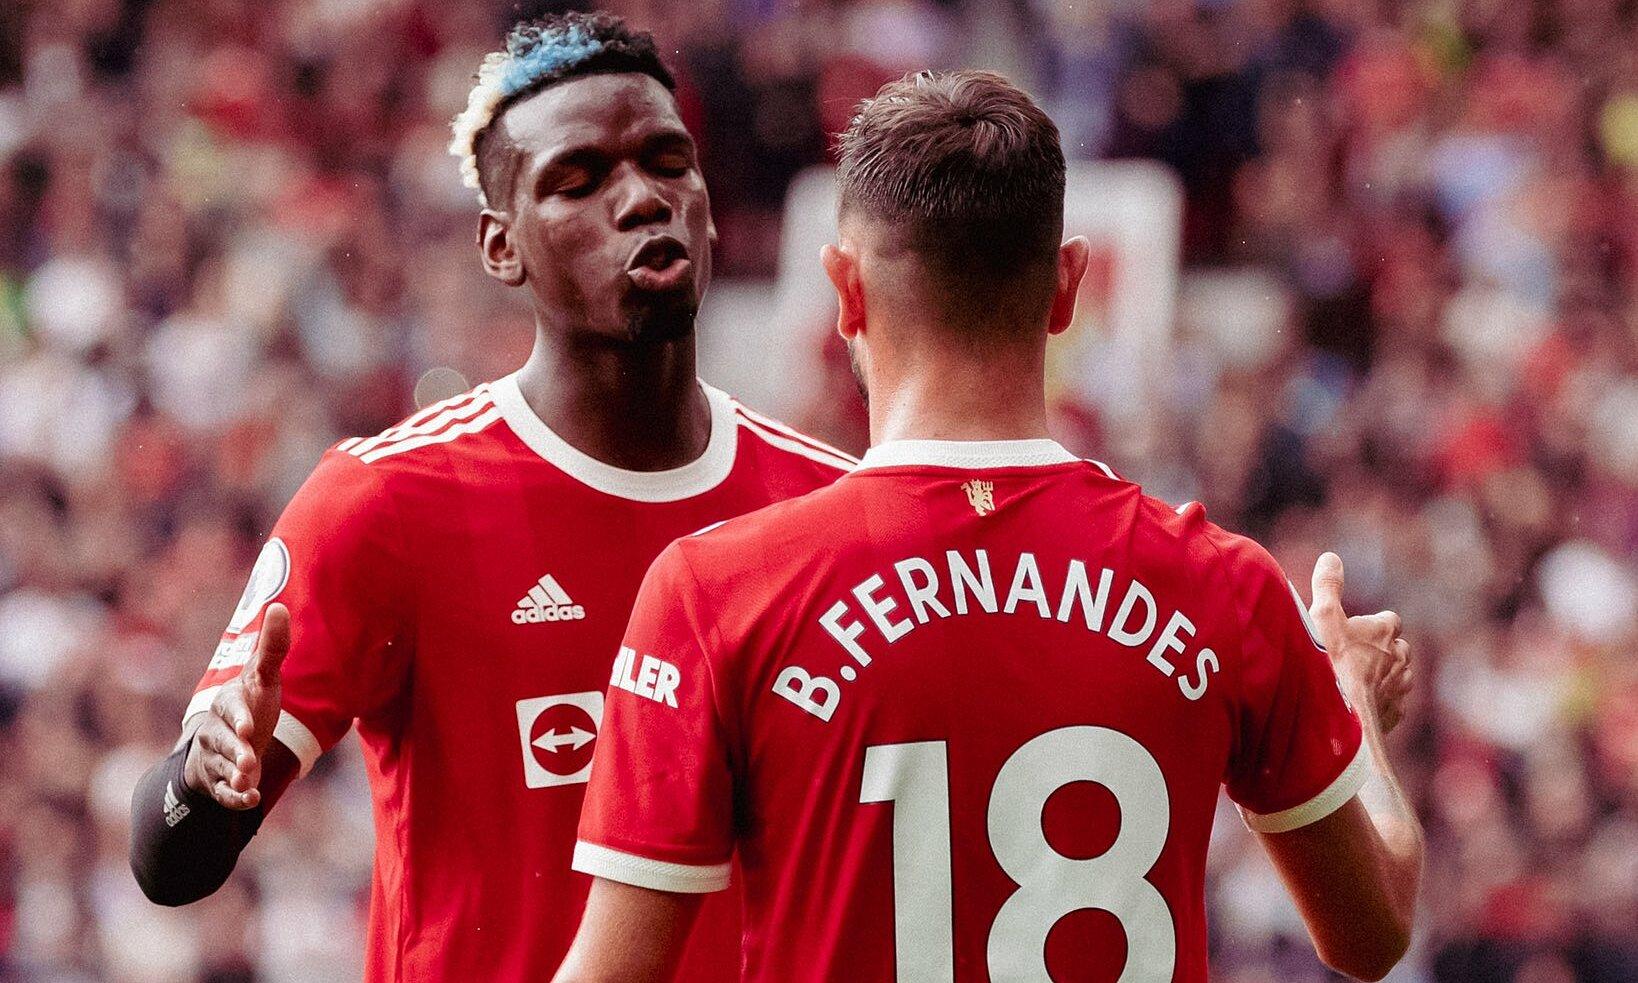 Pogba เล่นได้ดีมากกับ Fernandes ในชัยชนะ 5-1 เหนือลีดส์เมื่อวันที่ 14 สิงหาคม  ภาพ: ทวิตเตอร์ / แมนฯ ยูไนเต็ด